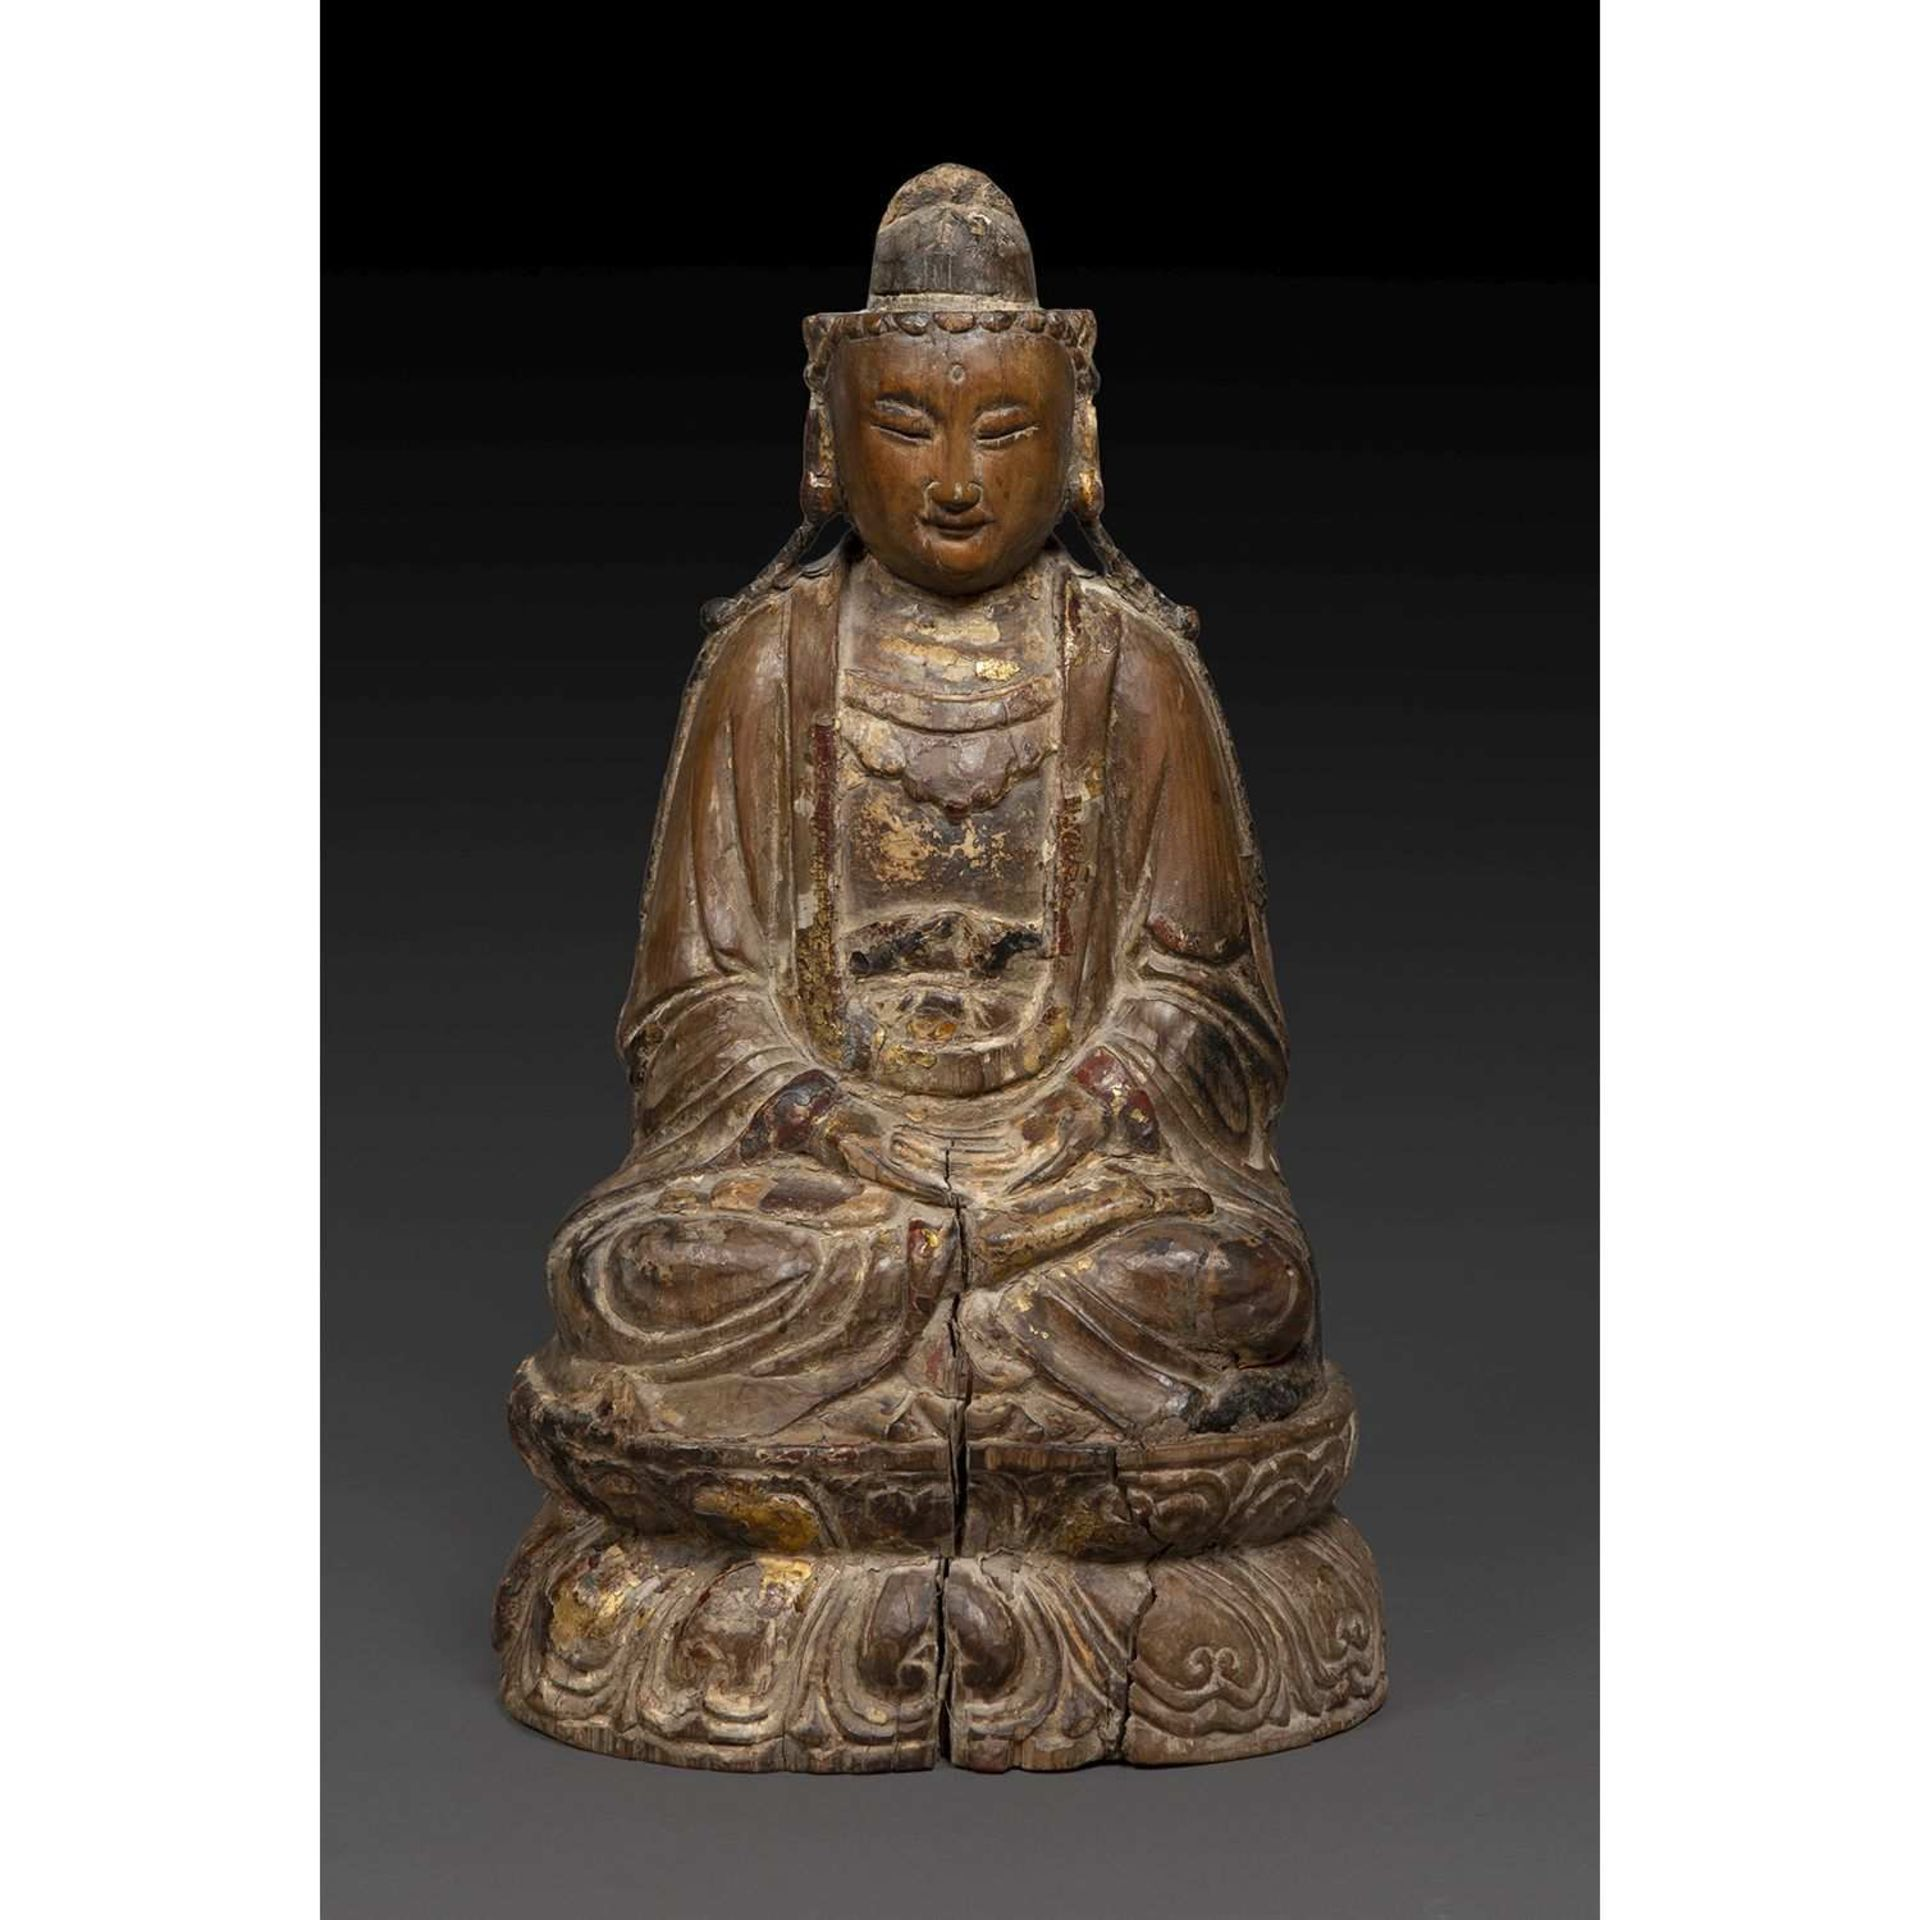 STATUETTE DU BOUDDHA DU FUTUR, AMITABHA en bois anciennement laqué et doré, représenté assis en